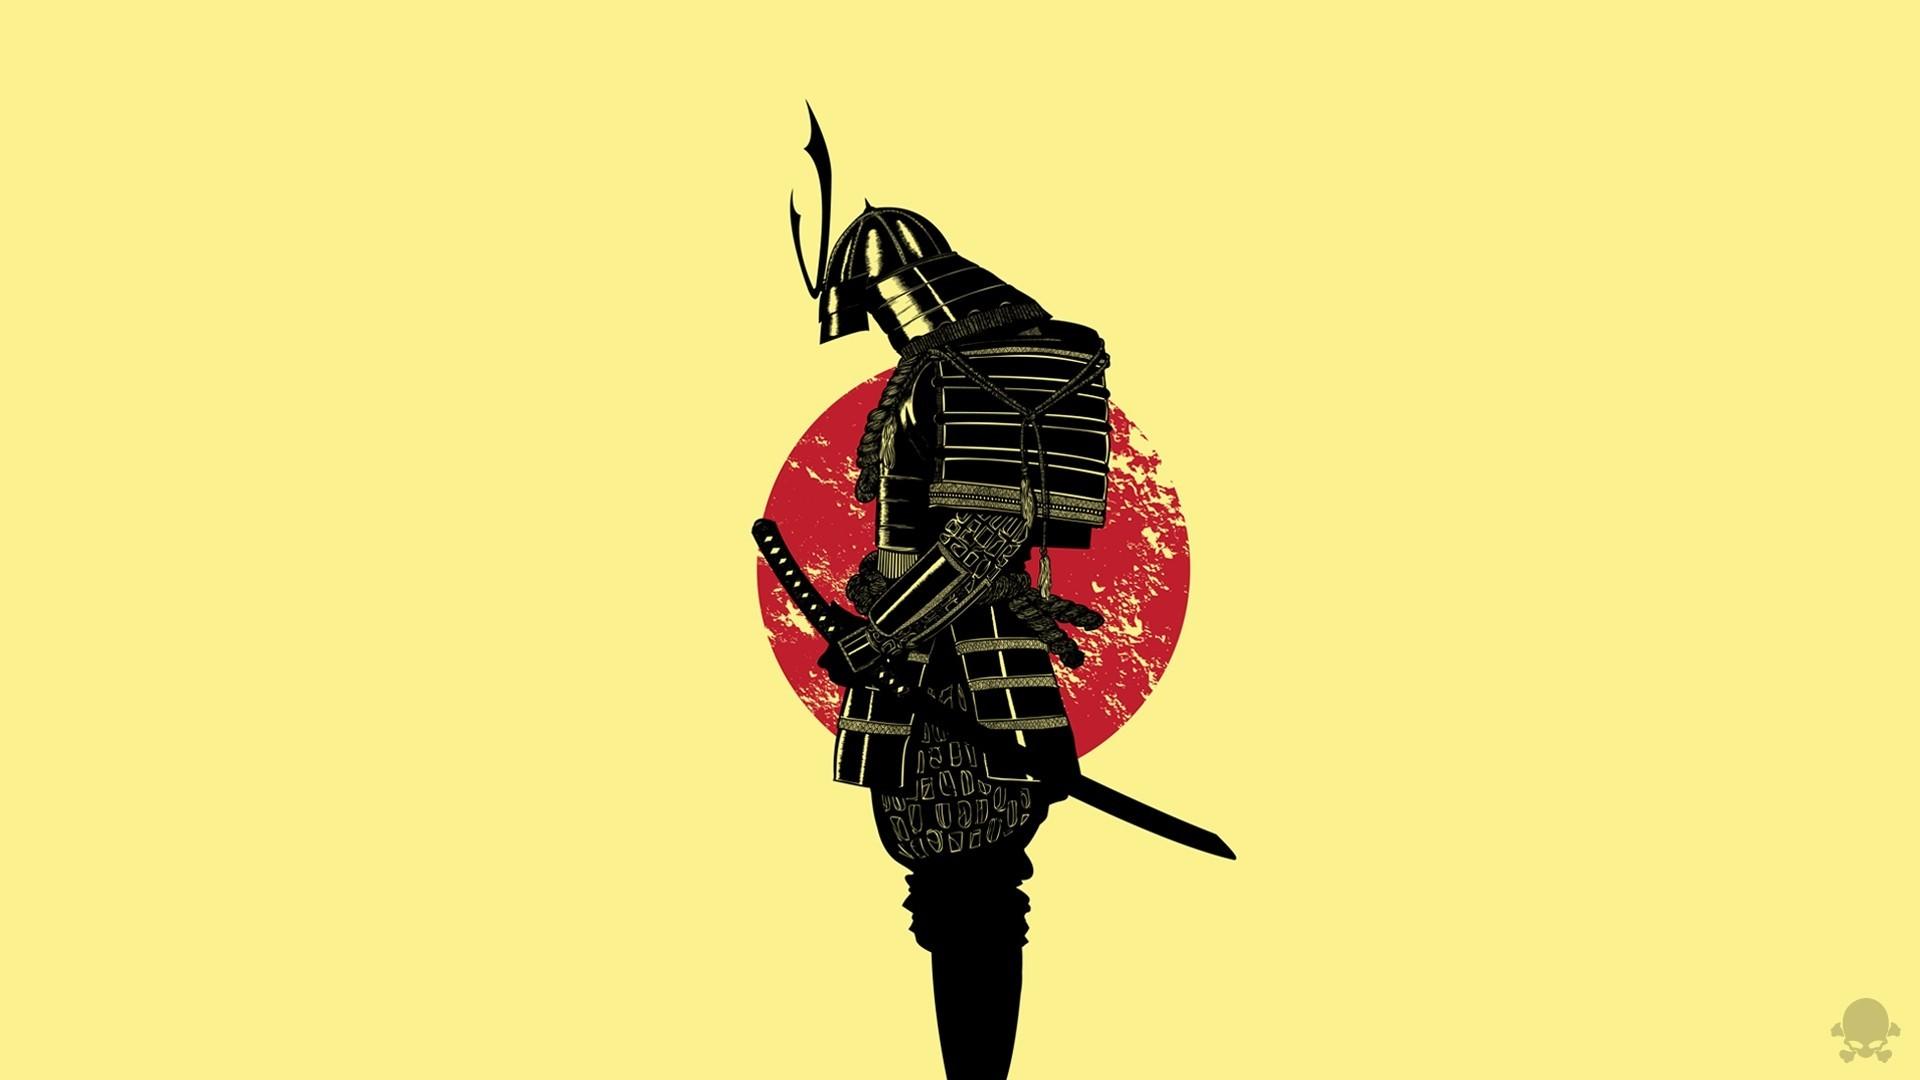 Samurai warriors sucker punch wallpaper 6891 - Samurai Warrior Sword Wallpaper 1920x1080 46285 Wallpaperup